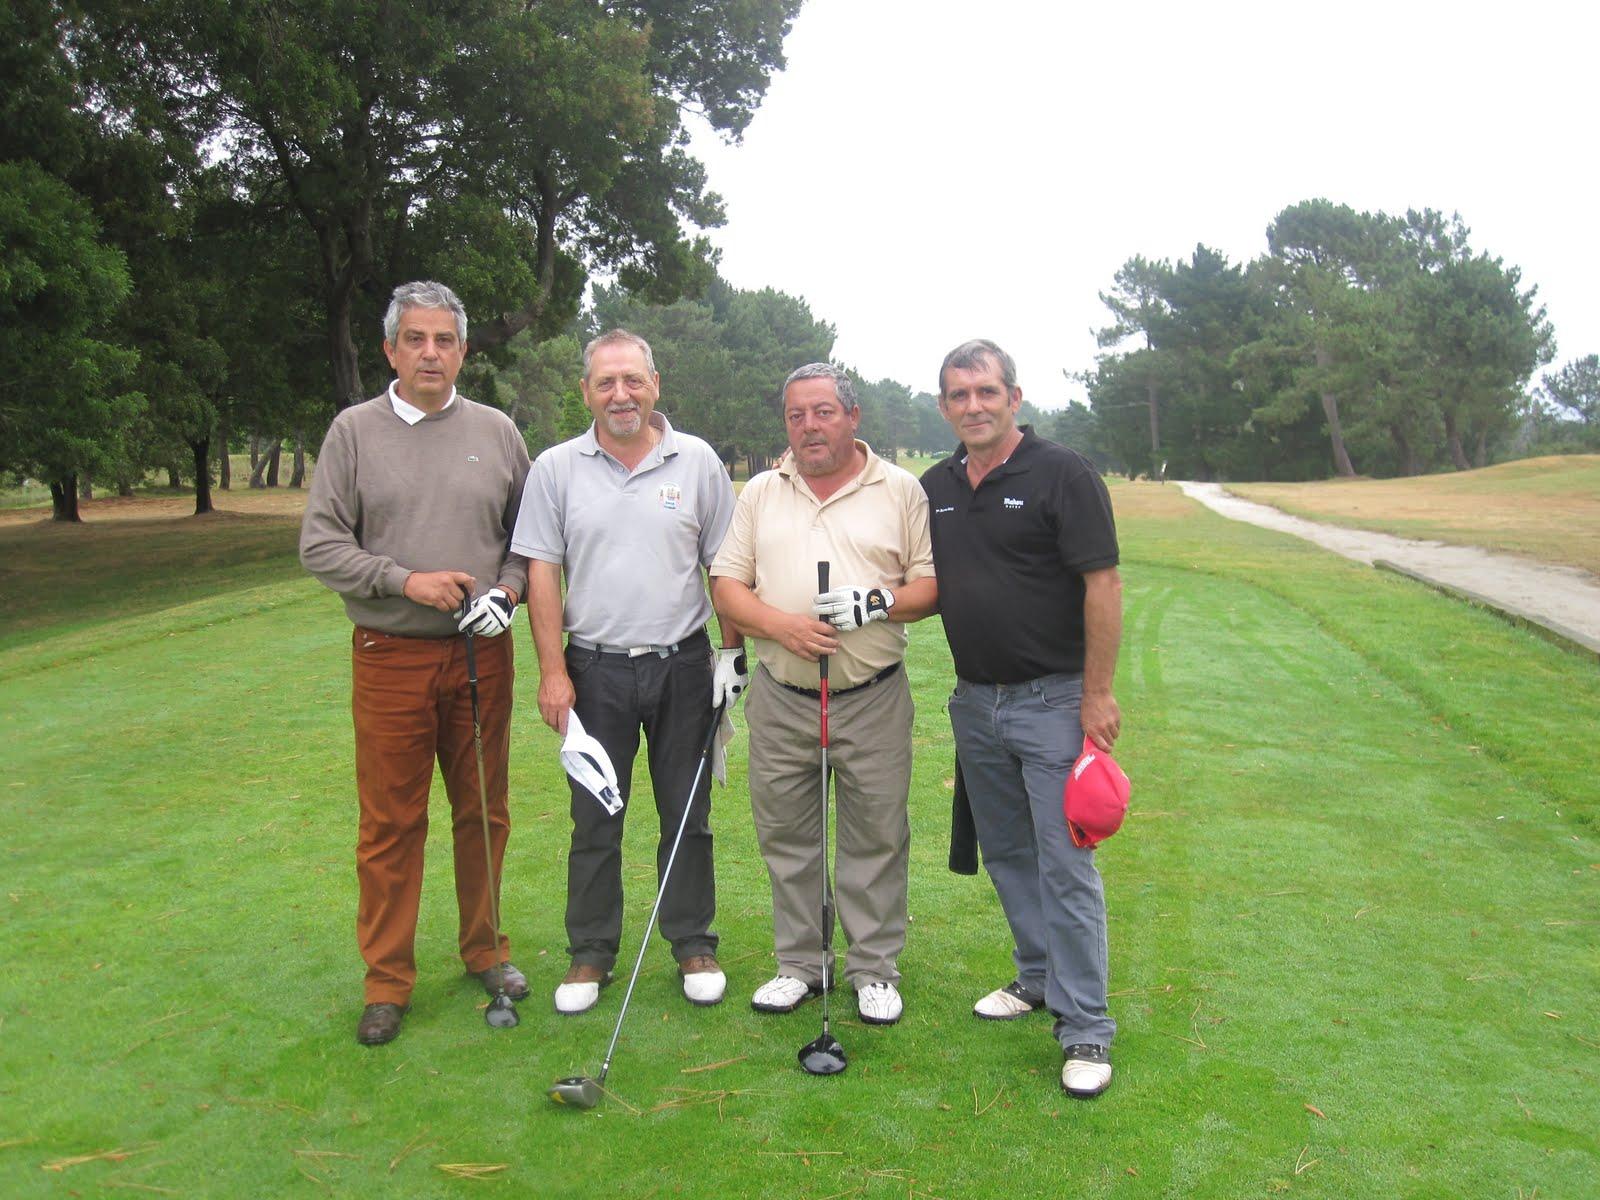 Circuito Galicia Halcon Viajes : Palavea golf circuito halcÓn viajes resultados